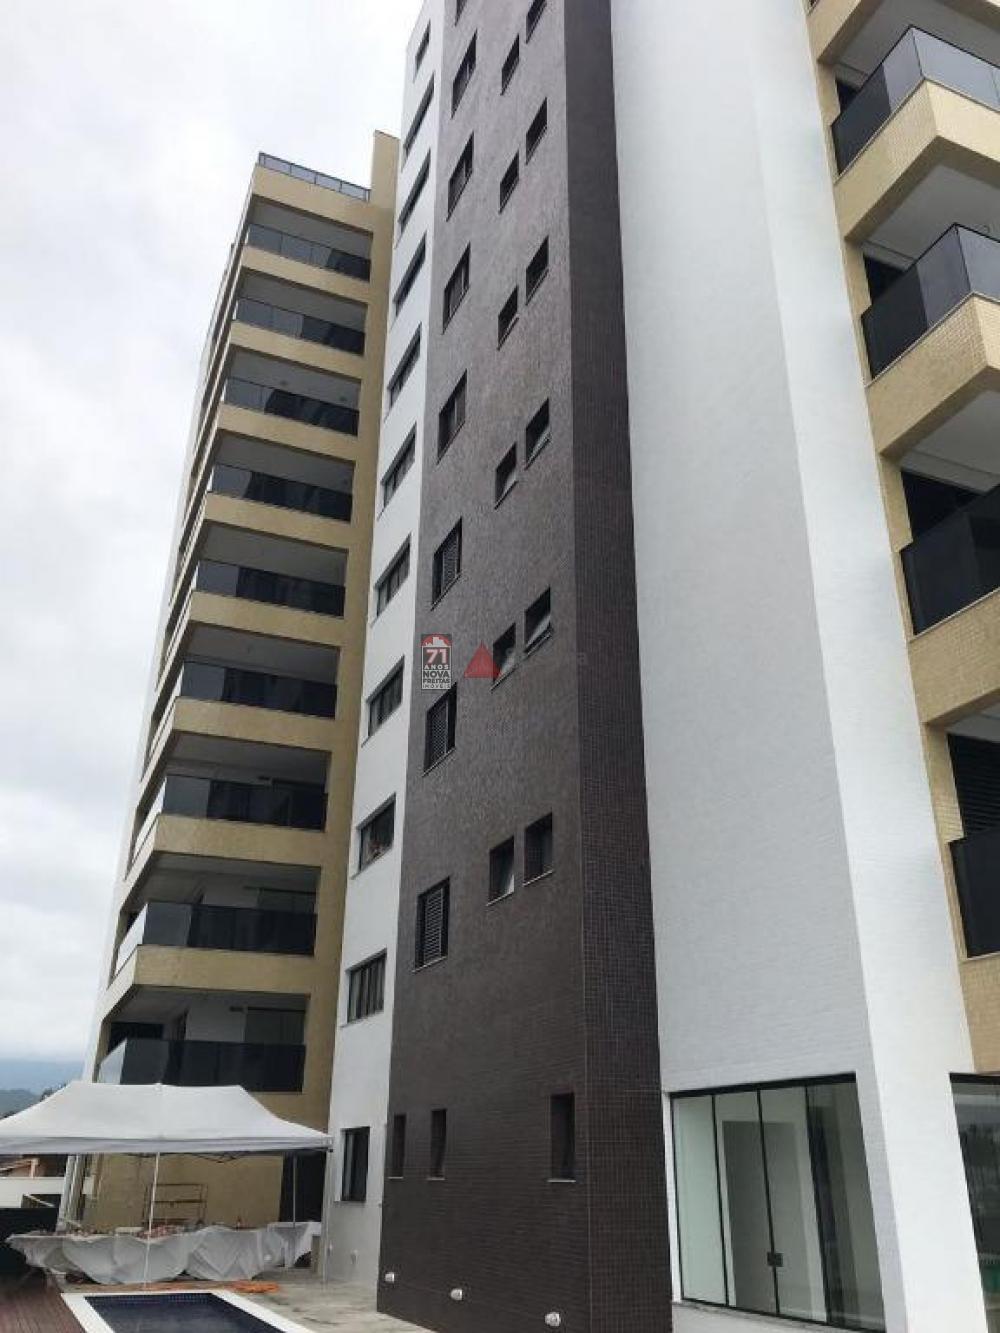 Comprar Apartamento / Padrão em Caraguatatuba R$ 1.200.000,00 - Foto 17